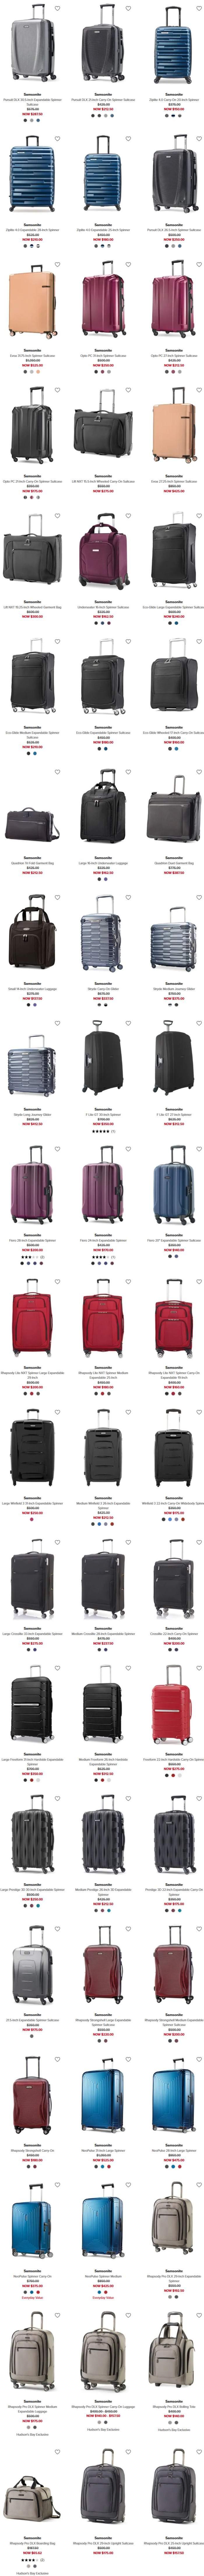 精选 Samsonite 新秀丽 时尚拉杆行李箱3.5折起+额外8.5折或满省20加元!